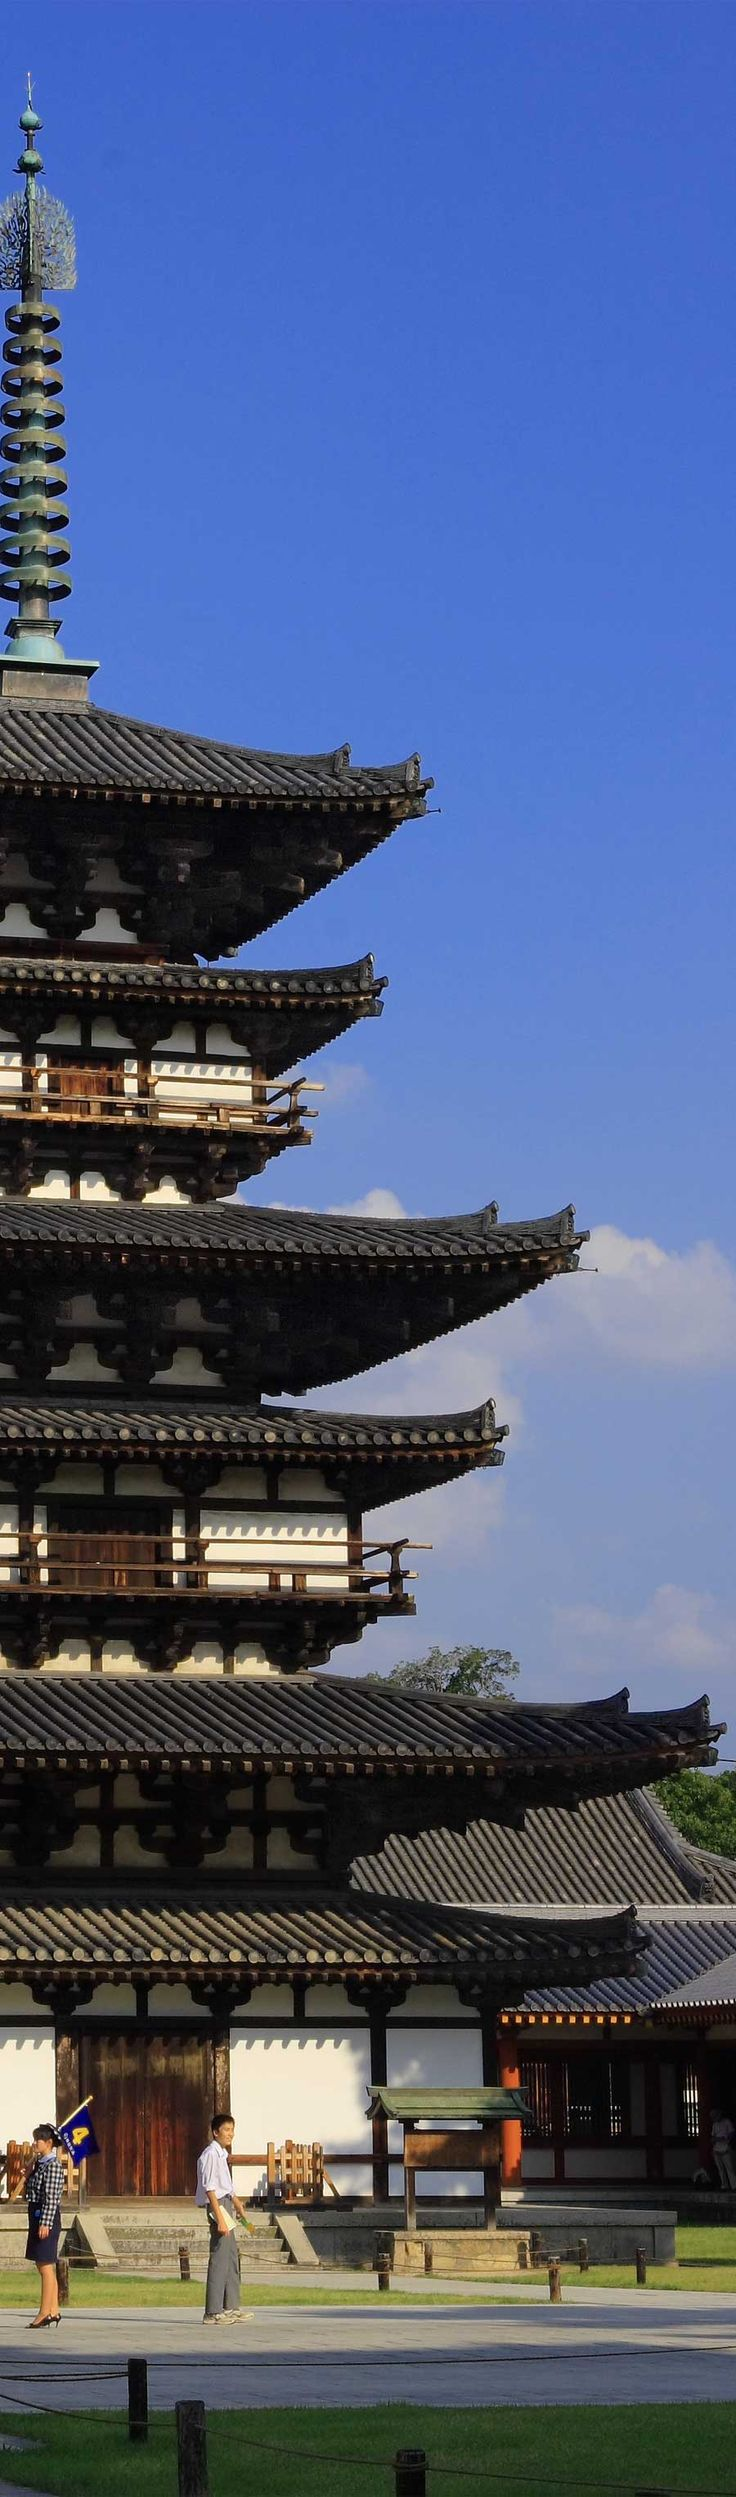 Pagoda of Yakushi-ji temple, Nara, Japan 薬師寺